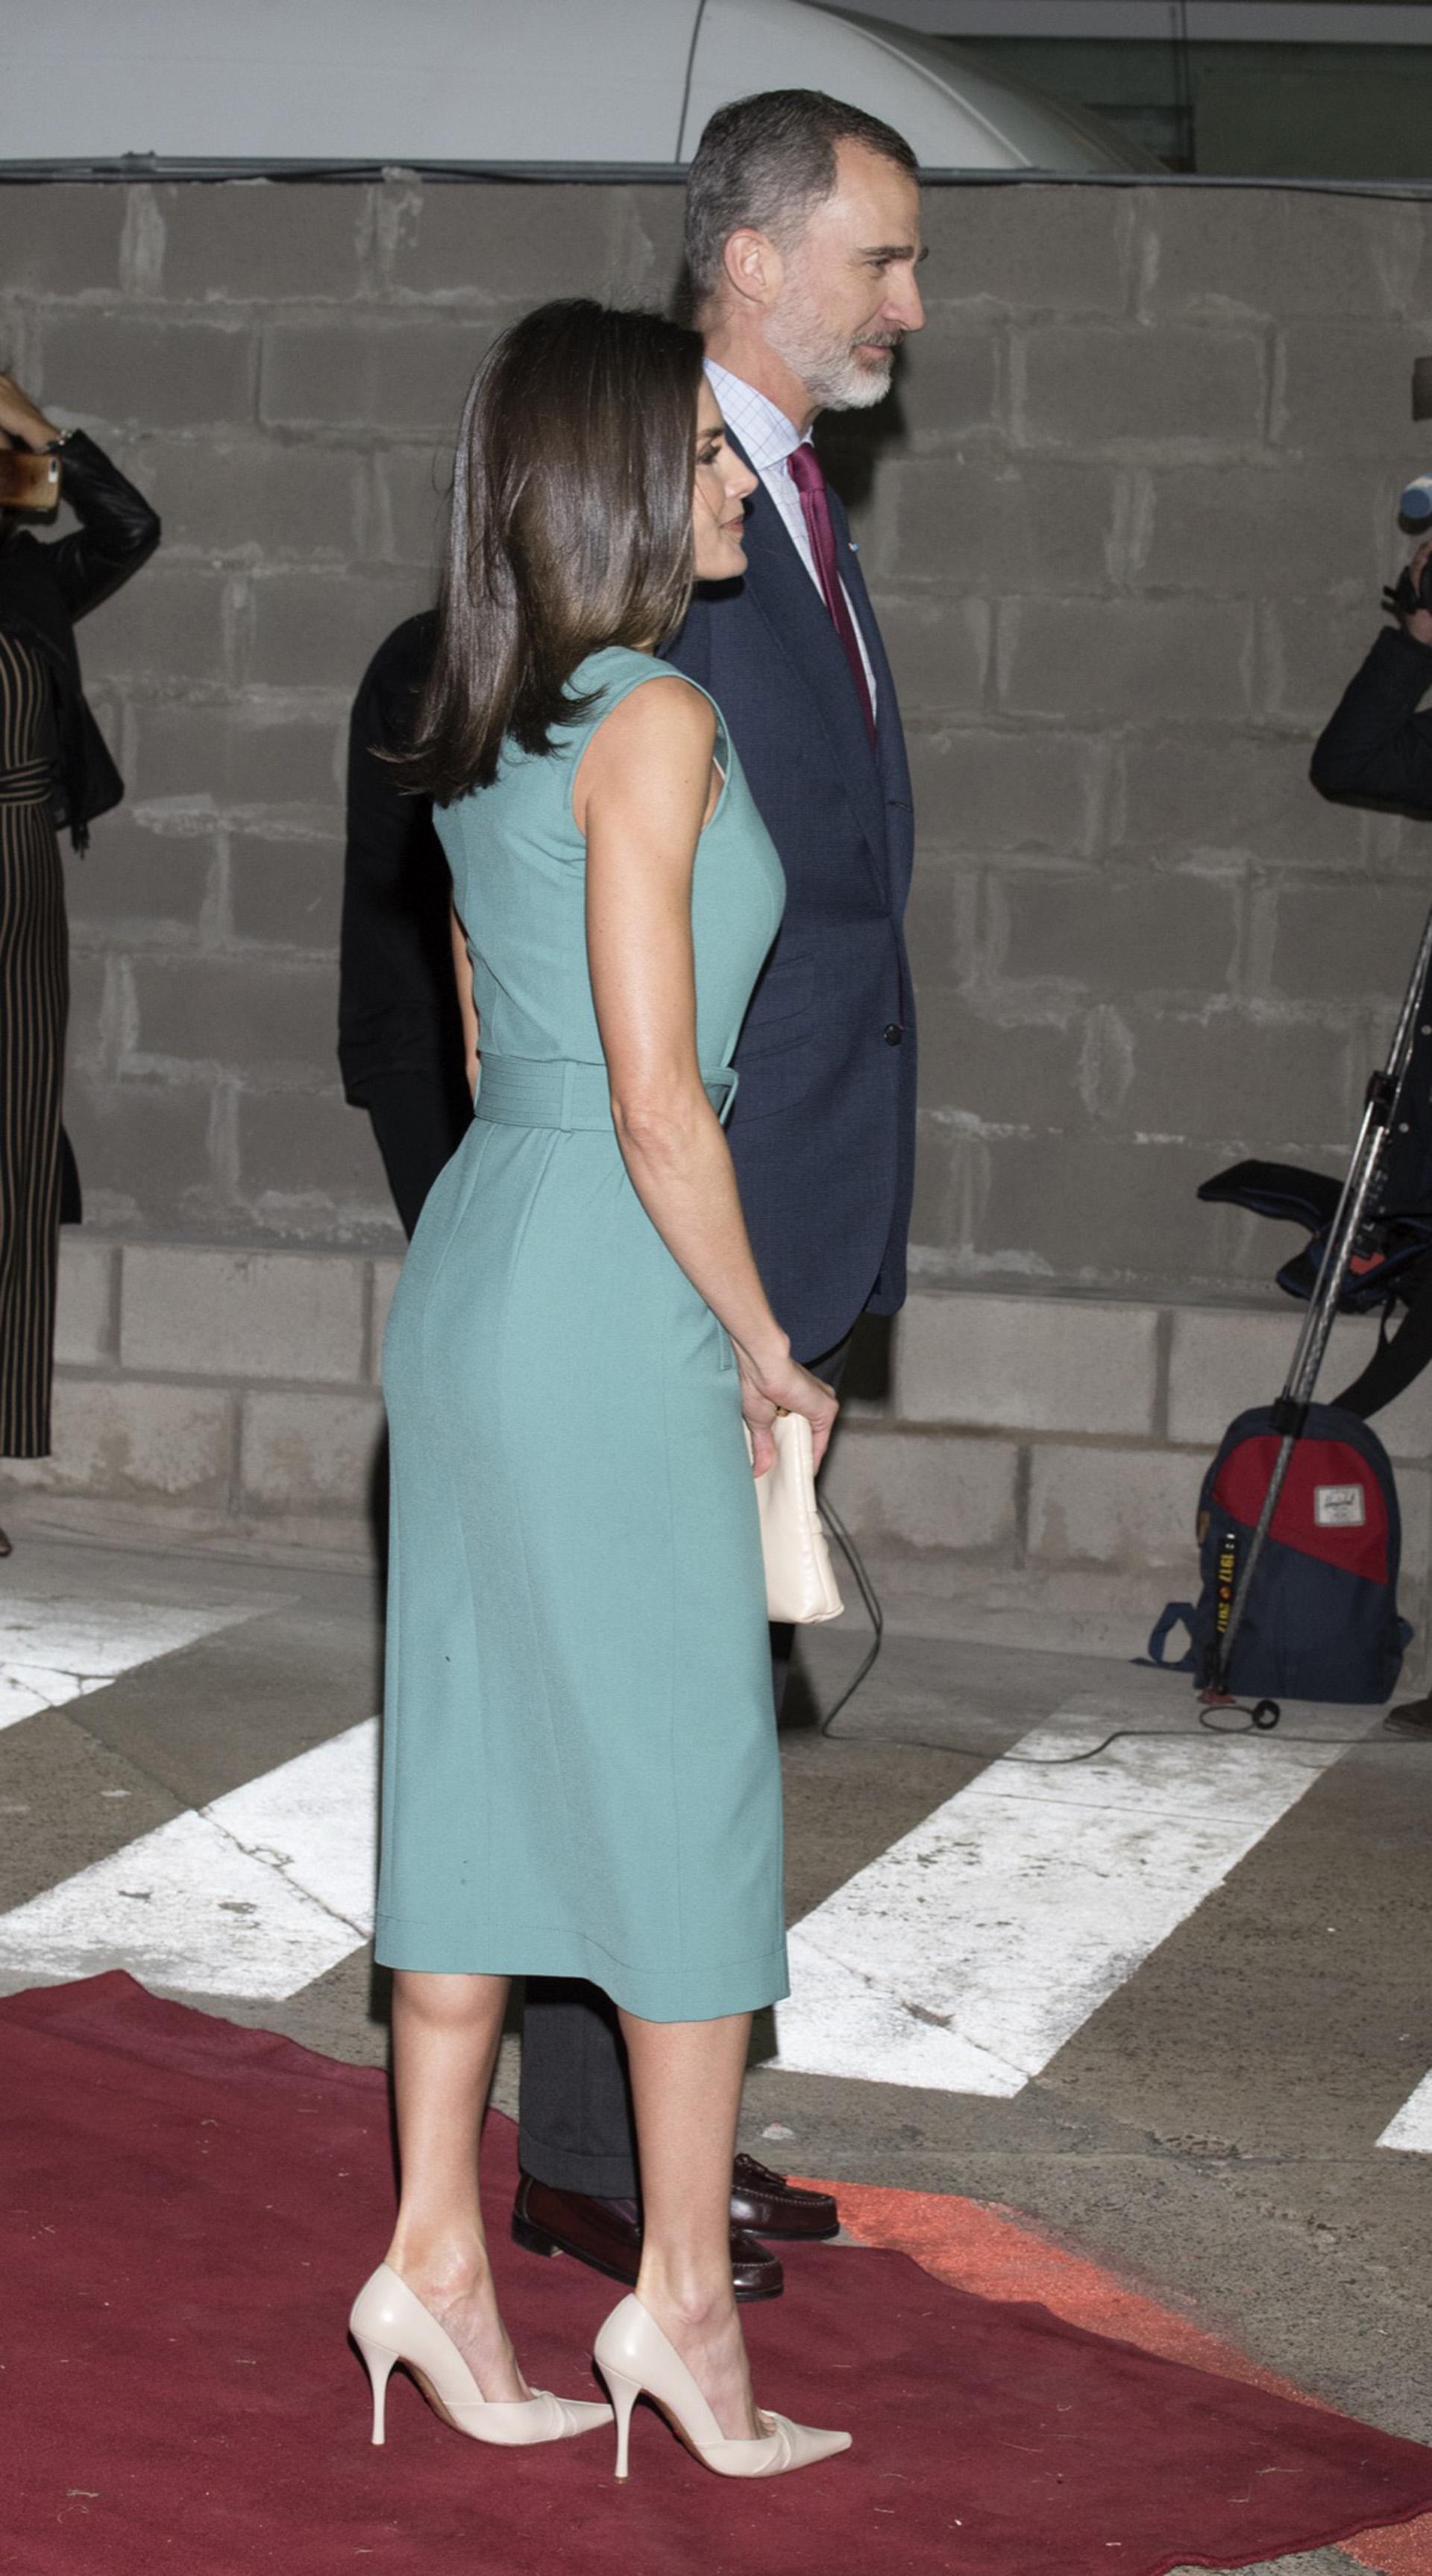 Siempre sobre stilettos altísimos para equipar su altura a la del Rey de España.